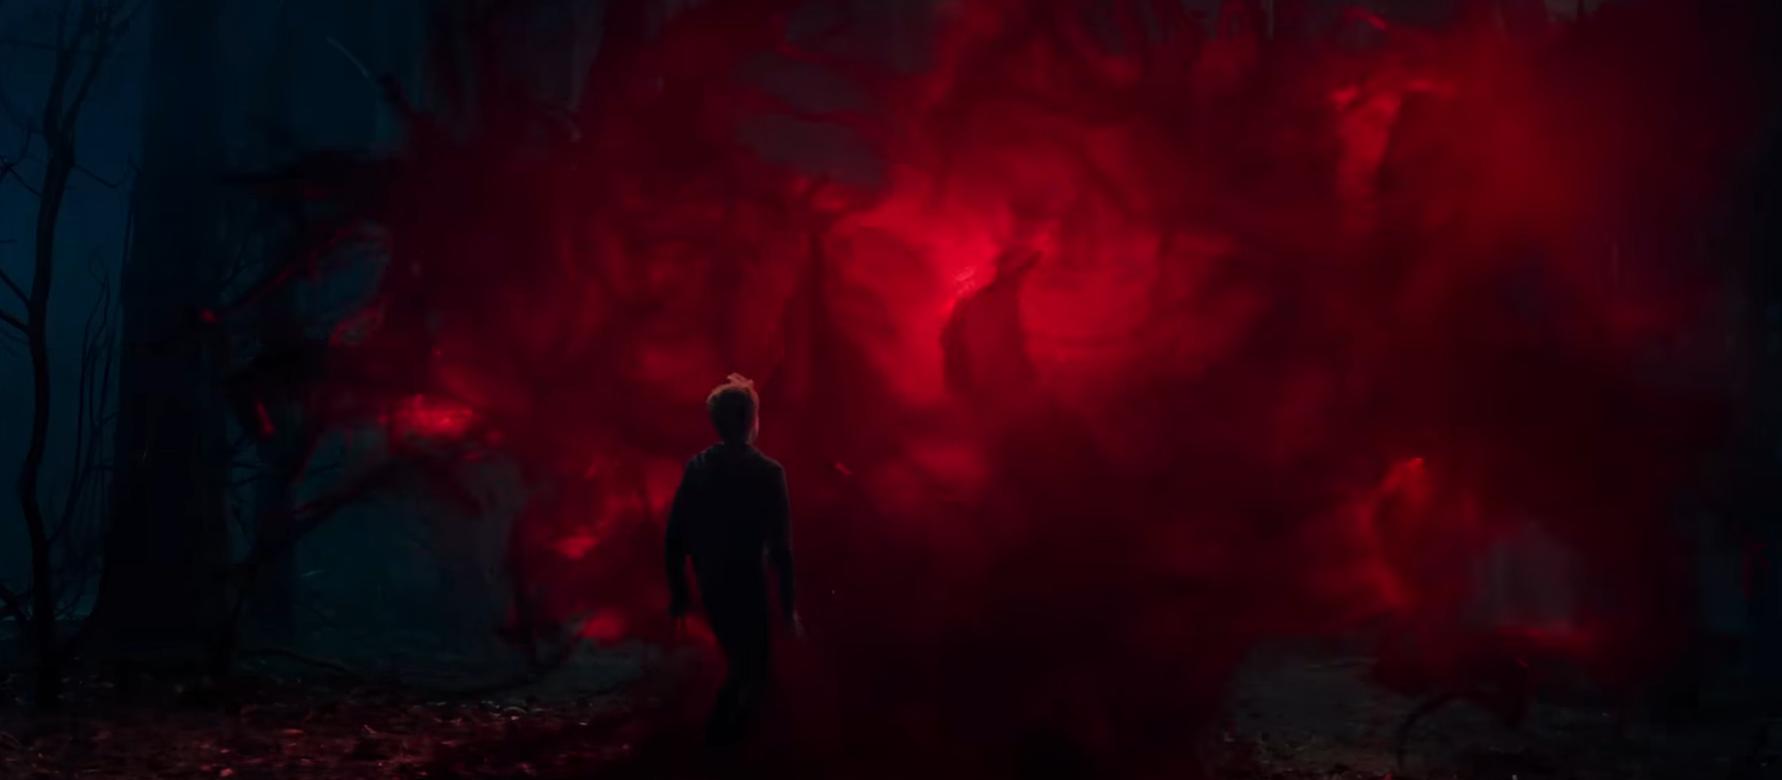 «Тёмная башня»: что показали в трейлере? 8